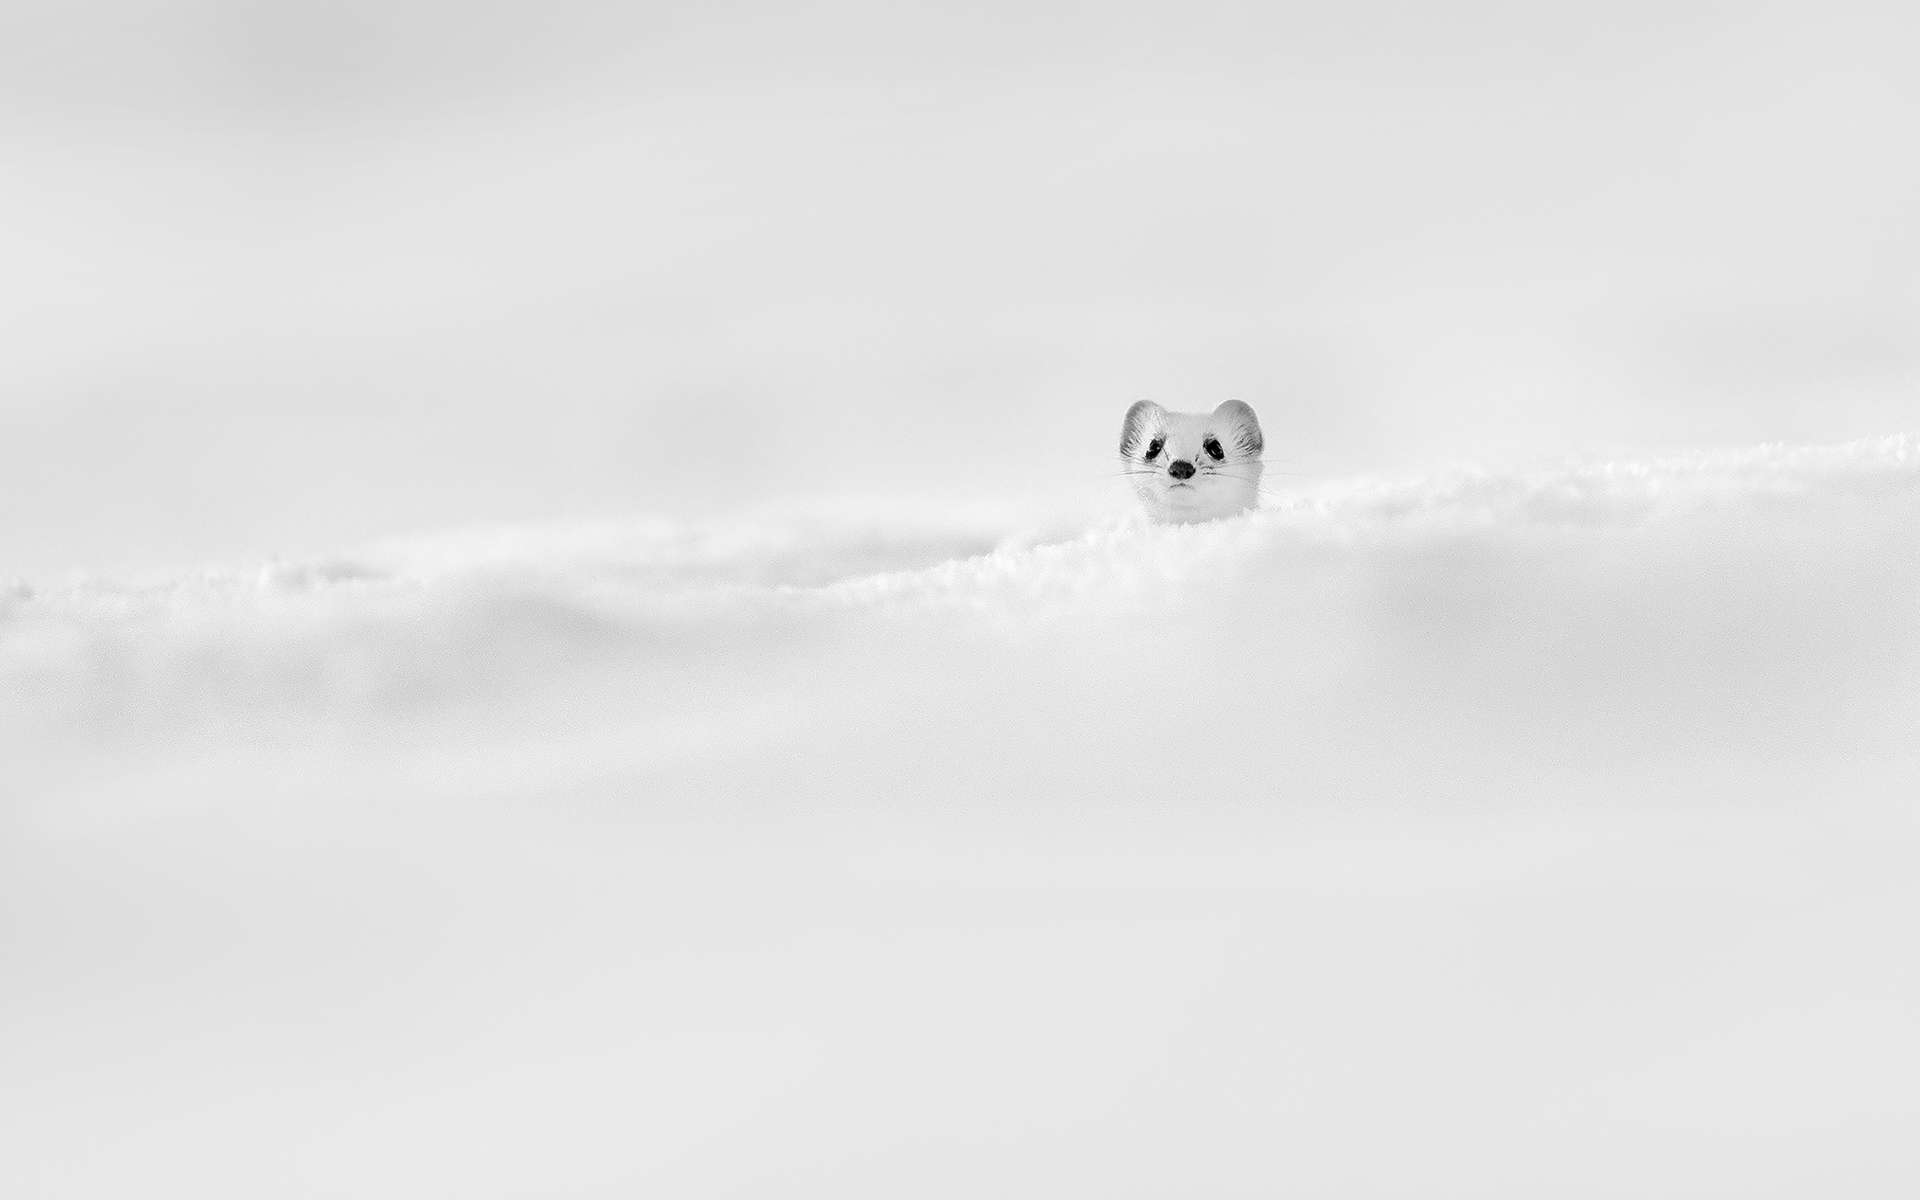 Comme un petit périscope de sous-marin, cette hermine sort discrètement la tête de la neige. Elle attend d'être sûre que tout autour d'elle soit calme et apaisé. À ce moment-là seulement, elle décidera de sortir de couvert pour s'élancer à la recherche d'une proie.Notez que l'hermine vit généralement dans les régions montagneuses. Ici, dans le Jura. Et c'est en hiver uniquement que sa fourrure apparaît blanche, pour lui permettre de se fondre dans la neige. Mais le bout de sa queue, qu'on ne discerne pas ici, reste toujours noir. Peut-être pour tromper les prédateurs. © Gregory Pol, tous droits réservés